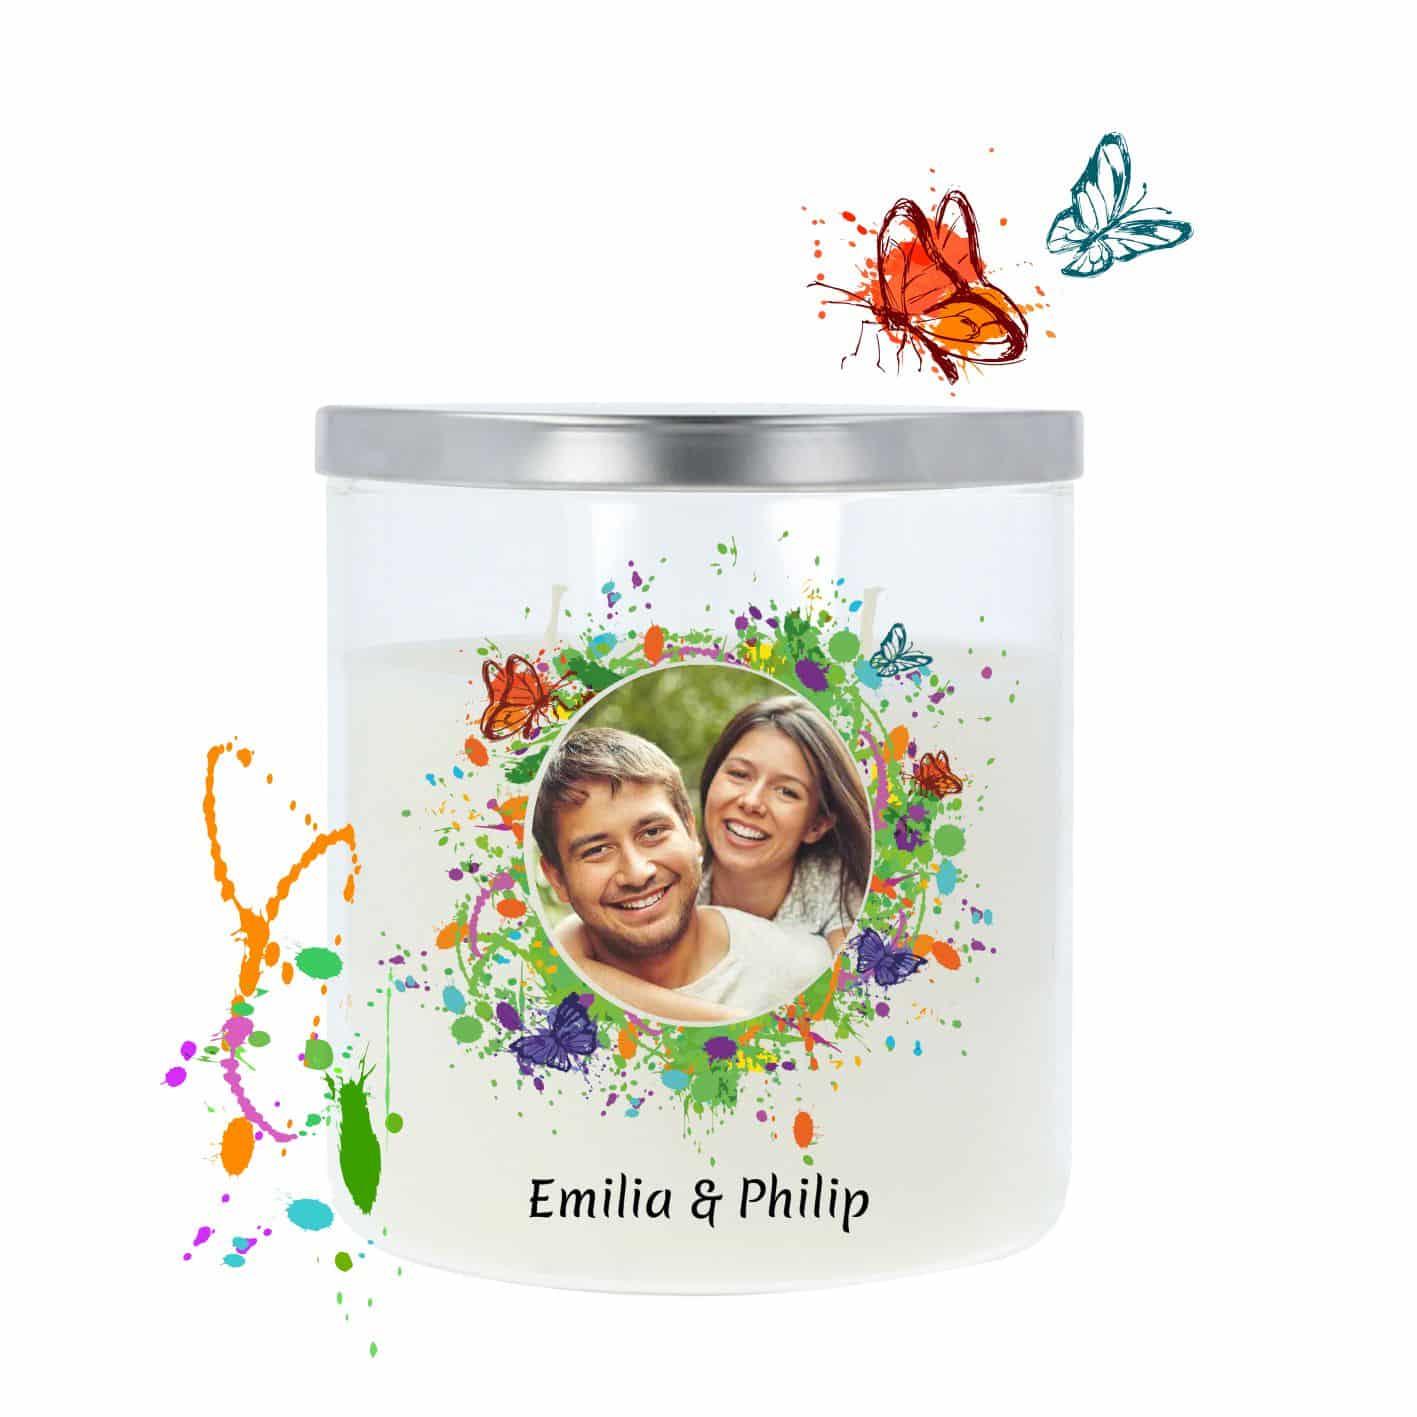 Hochzeitskerze im Glas mit edlem Metalldeckel dekoriert mit Schmetterlingen